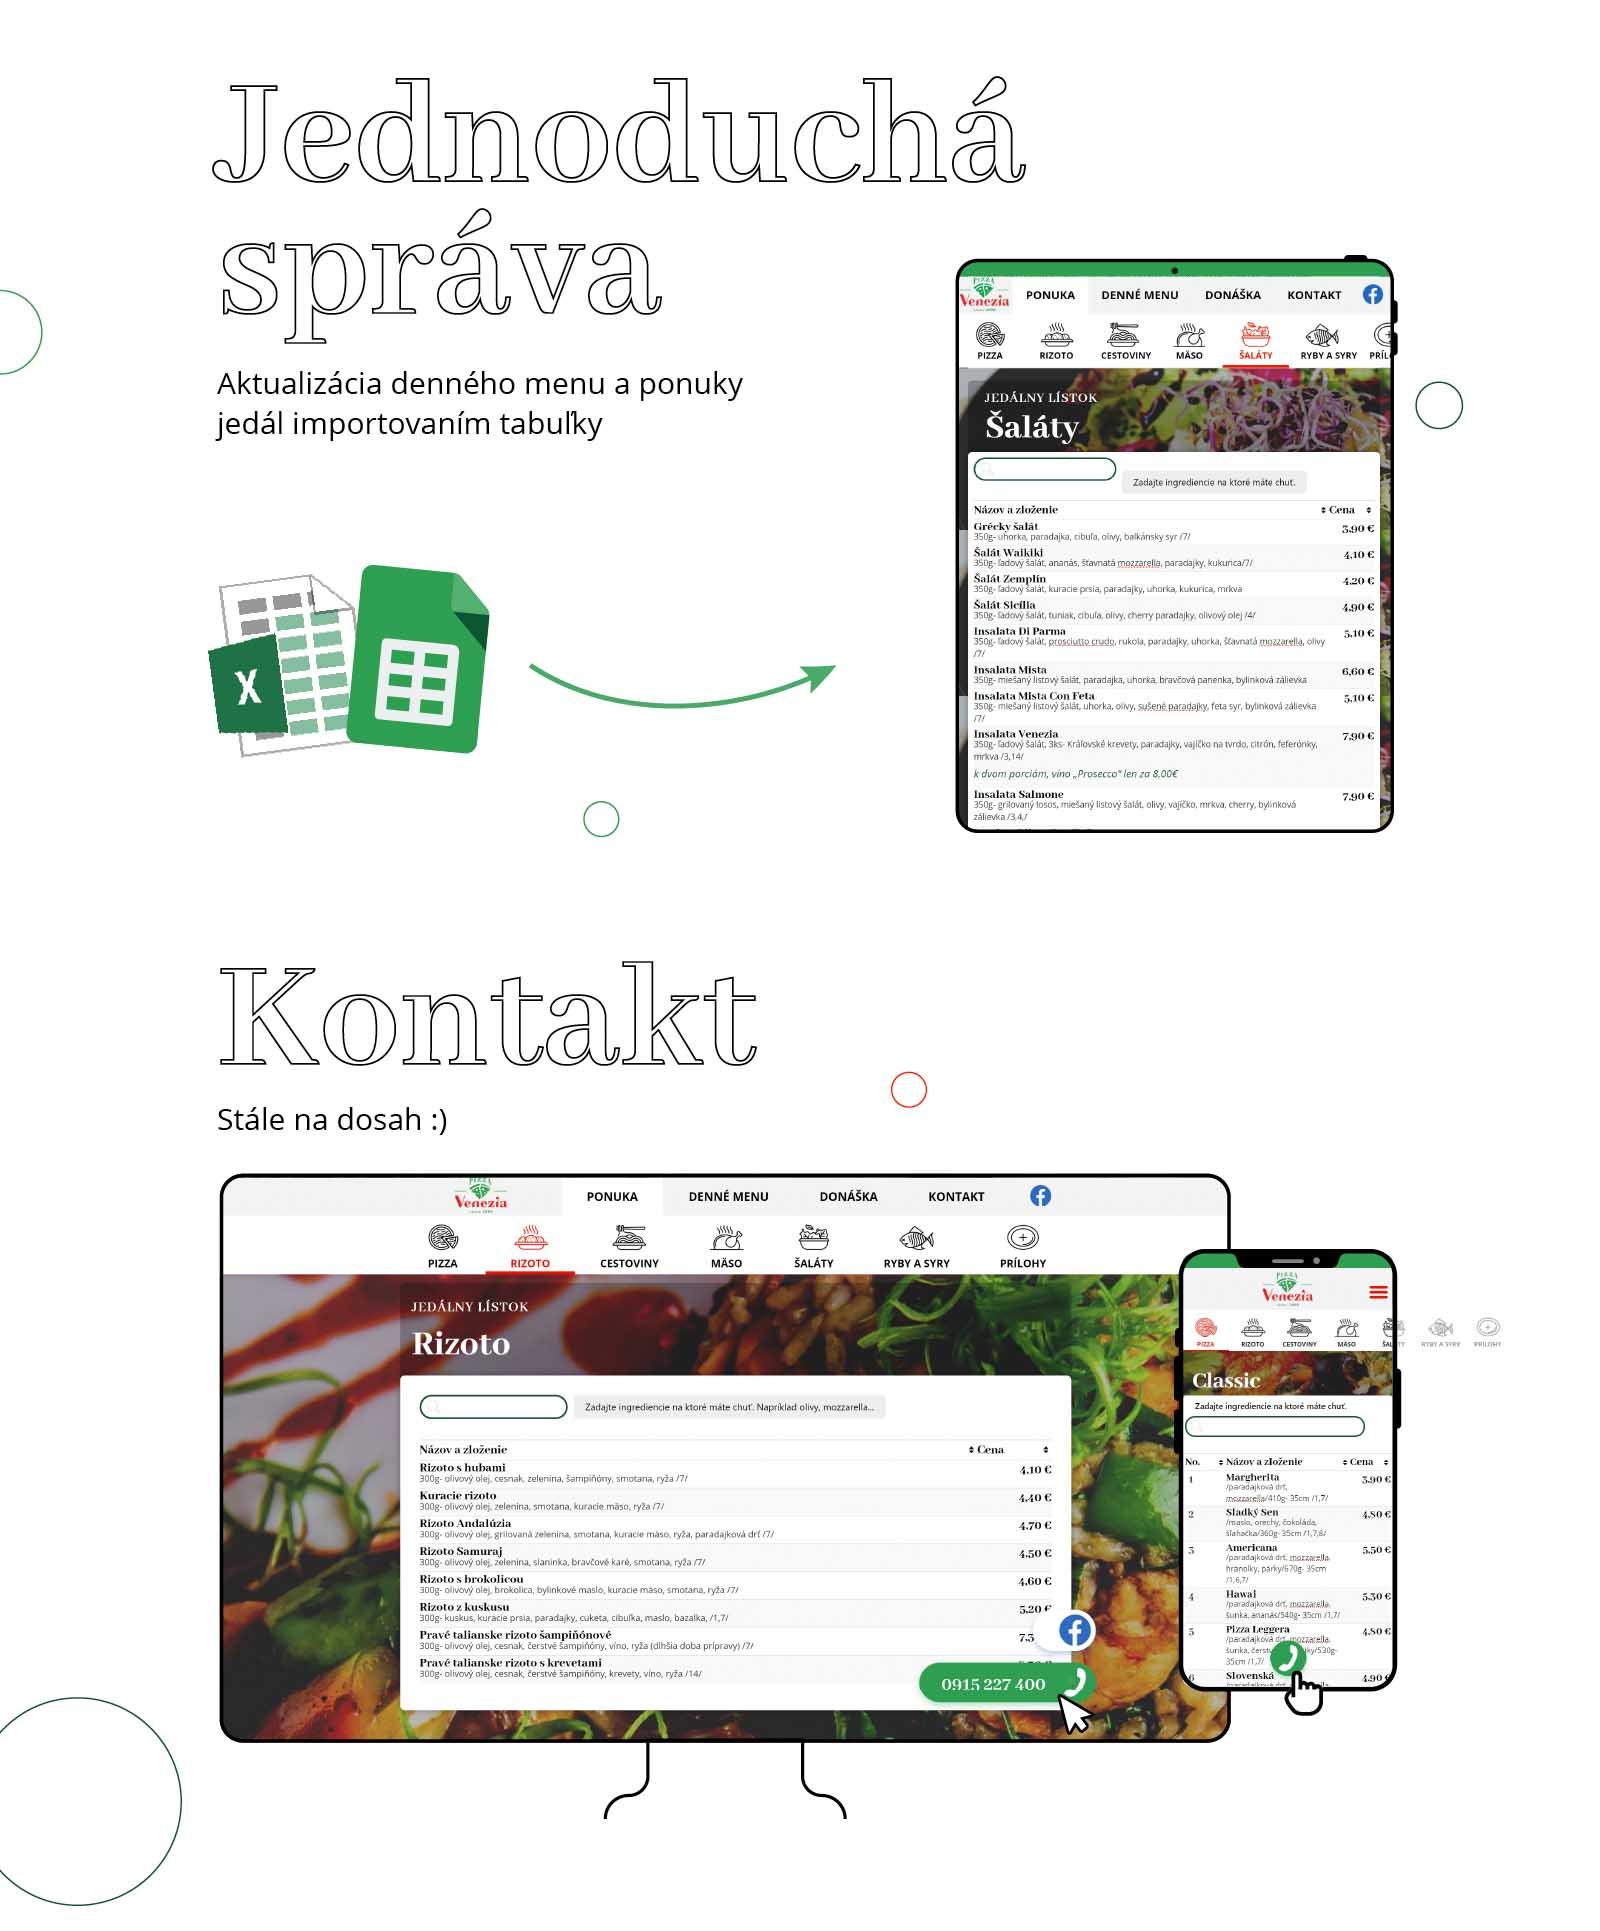 Obrázok obsahuje text: Jednoduchá správa. Aktualizcia denného menu a ponuky jedál importovaním tabuľky. Kontakt na webe je stále na dosah, aby si zákazník mohol objednať jedlo na donášku.